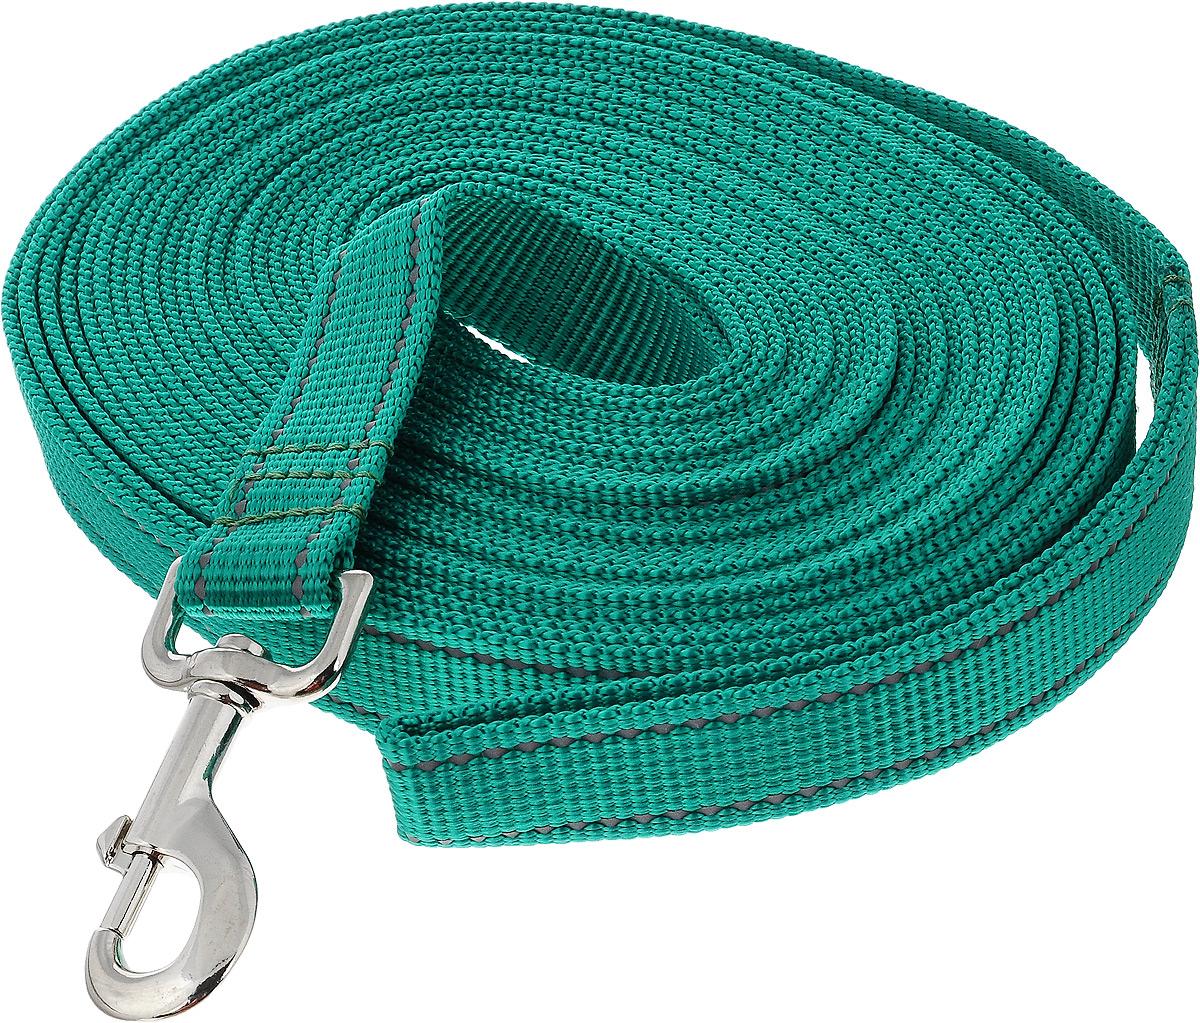 Поводок для собак Аркон, цвет: зеленый, ширина 2,5 см, длина 10 м0120710Поводок для собак Аркон изготовлен из высококачественного брезента и снабжен металлическим карабином. Изделие отличается не только исключительной надежностью и удобством, но и привлекательным современным дизайном.Поводок - необходимый аксессуар для собаки. Ведь в опасных ситуациях именно он способен спасти жизнь вашему любимому питомцу. Иногда нужно ограничивать свободу своего четвероногого друга, чтобы защитить его или себя от неприятностей на прогулке. Длина поводка: 10 м.Ширина поводка: 2,5 см.Уважаемые клиенты! Обращаем ваше внимание на то, что товар может содержать светодиодную ленту.